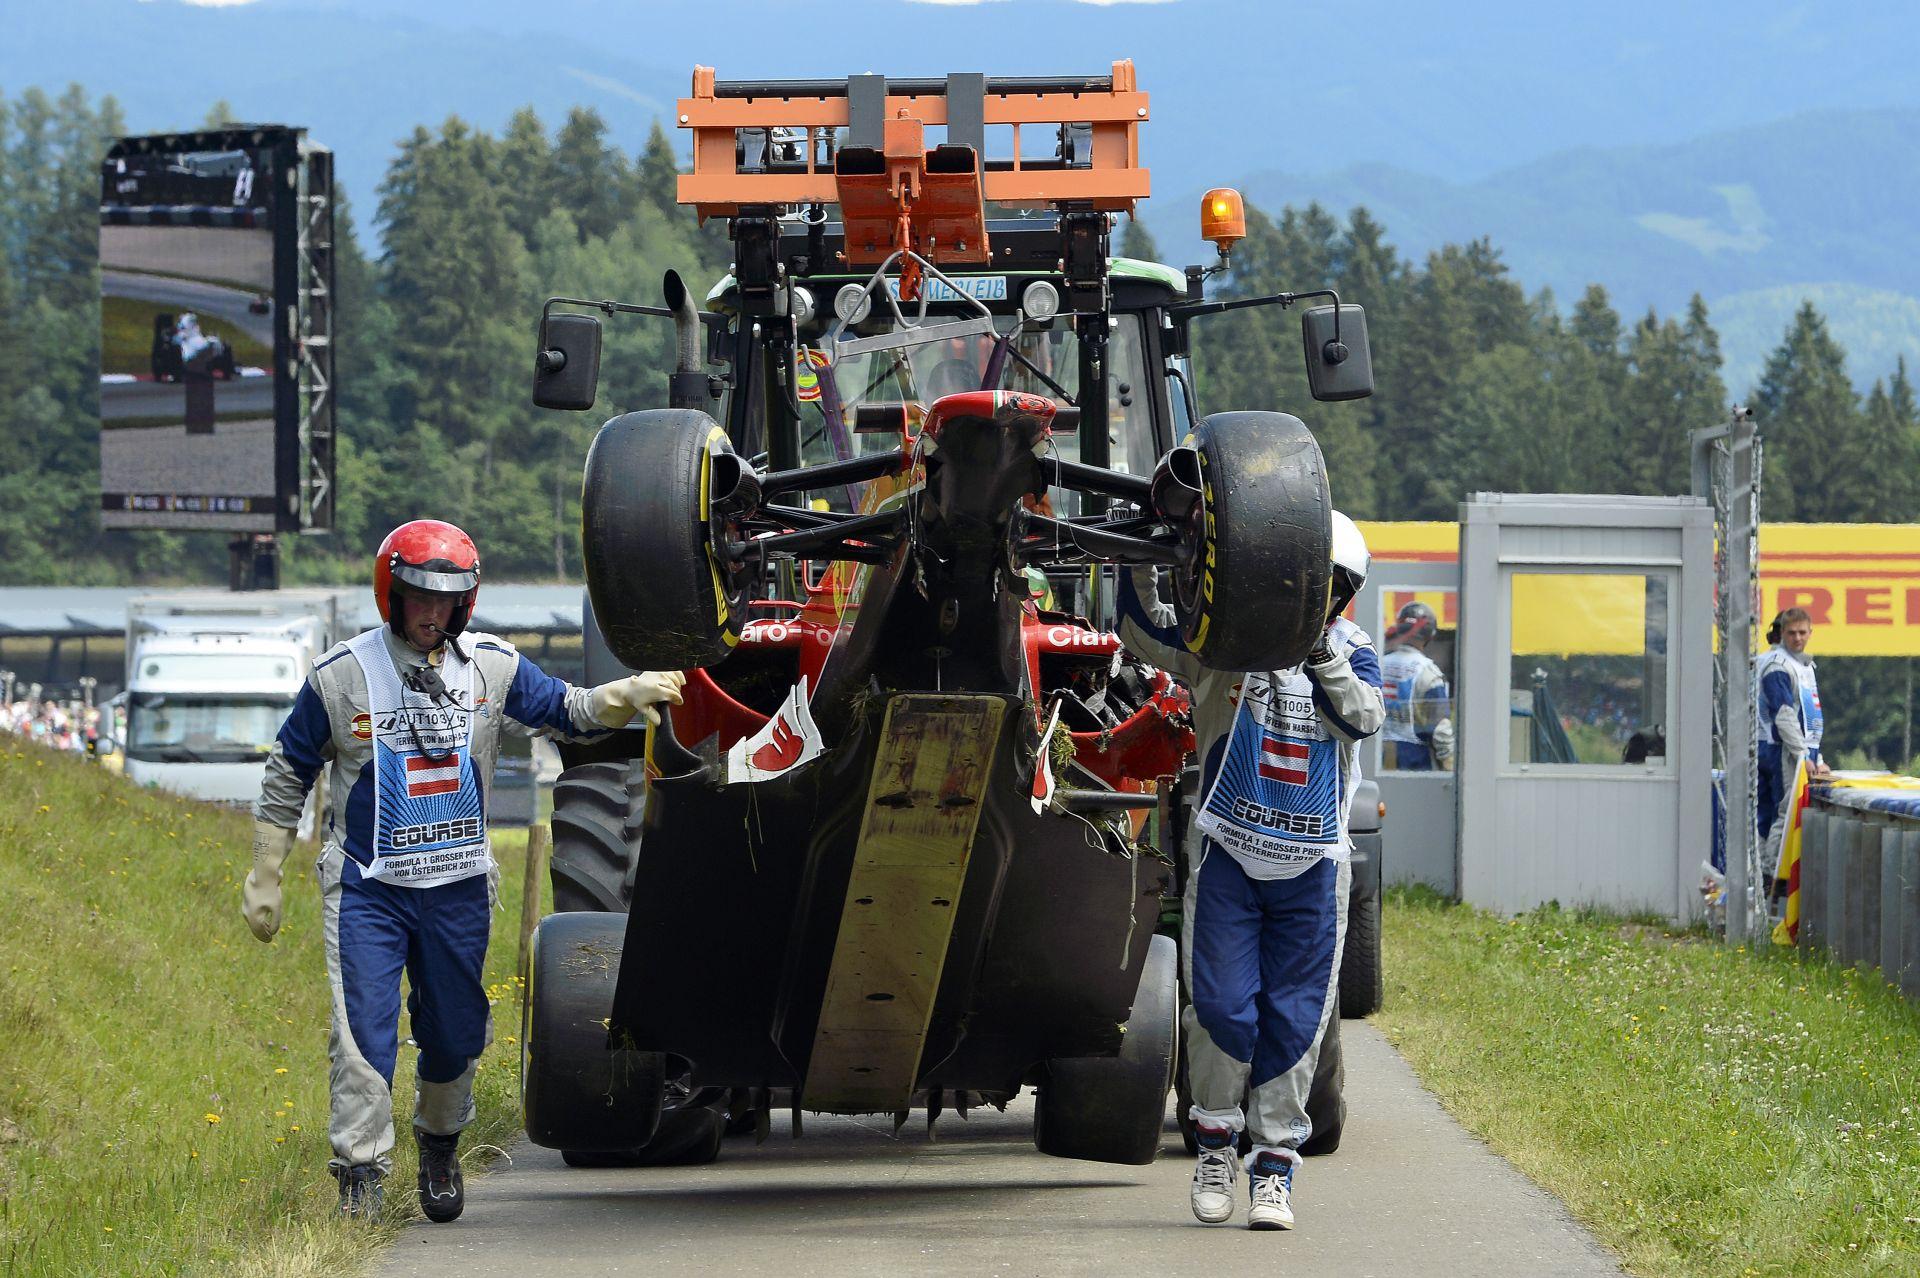 Kilassítva Alonso és Raikkonen nagy balesete a Red Bull Ringről: Két ember is életveszélyben volt